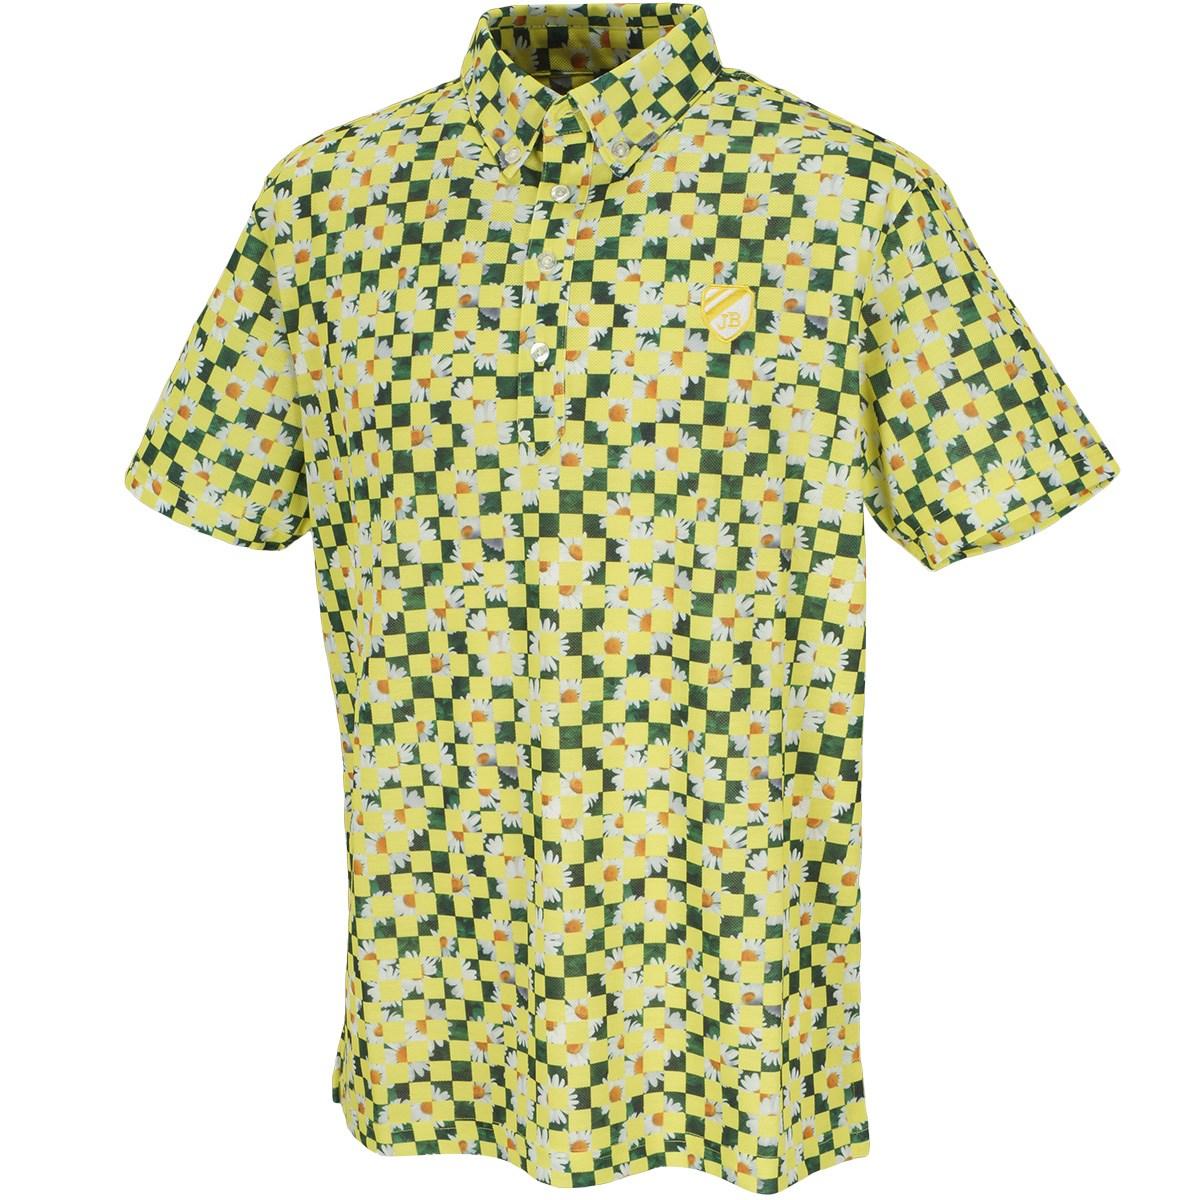 ジャックバニー バイ パーリーゲイツ スパン鹿の子 マーガレットプリント 半袖ポロシャツ